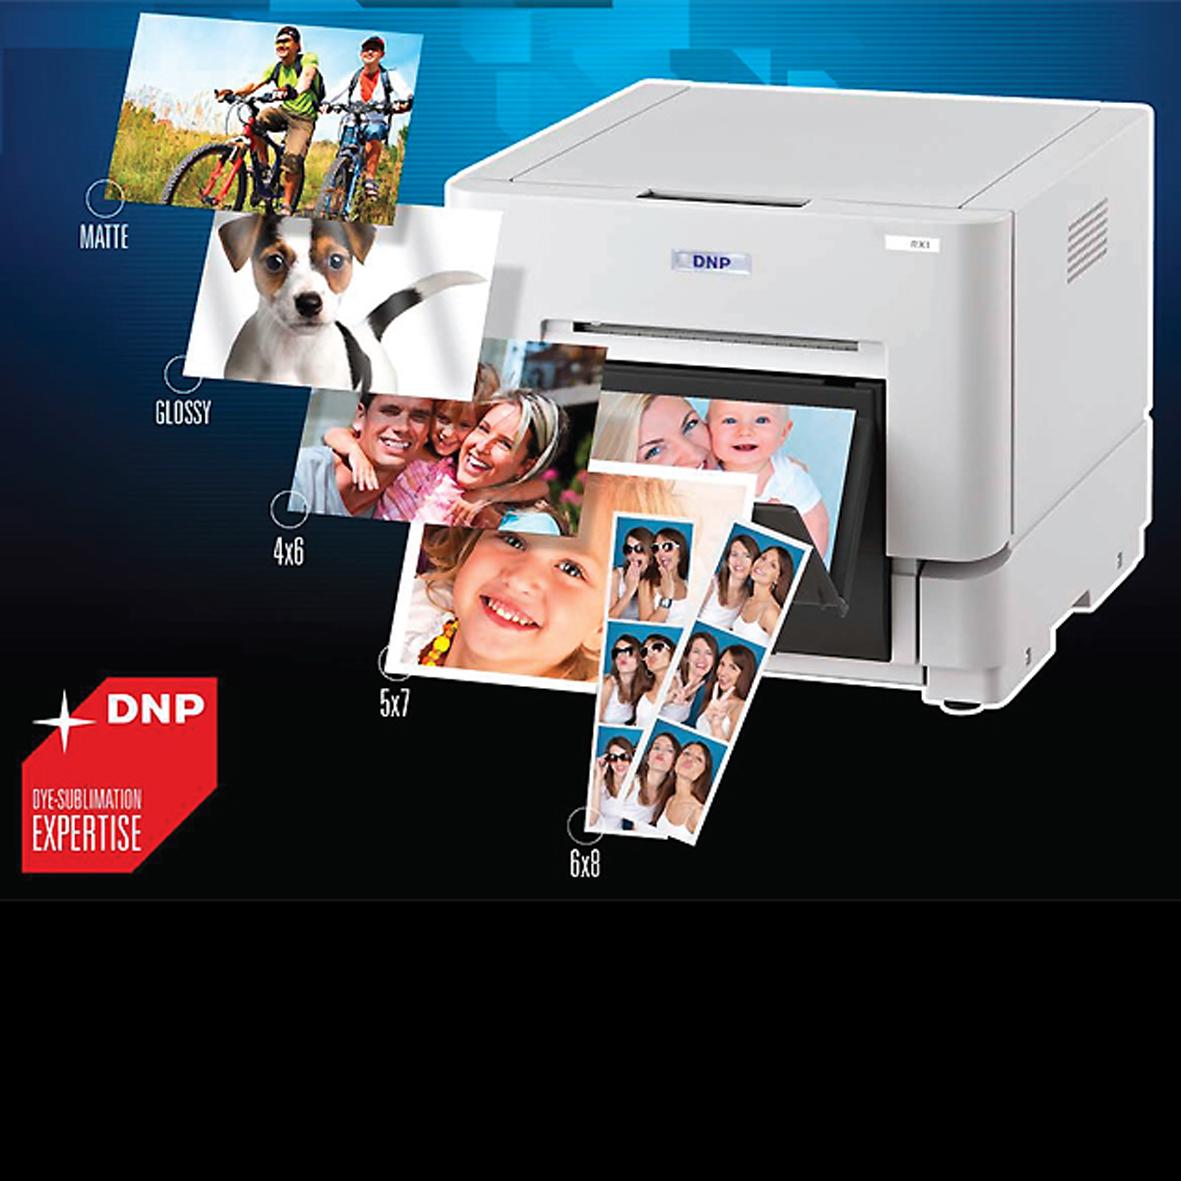 Co thuê máy in ảnh DNP RX1 in cỡ 13x18